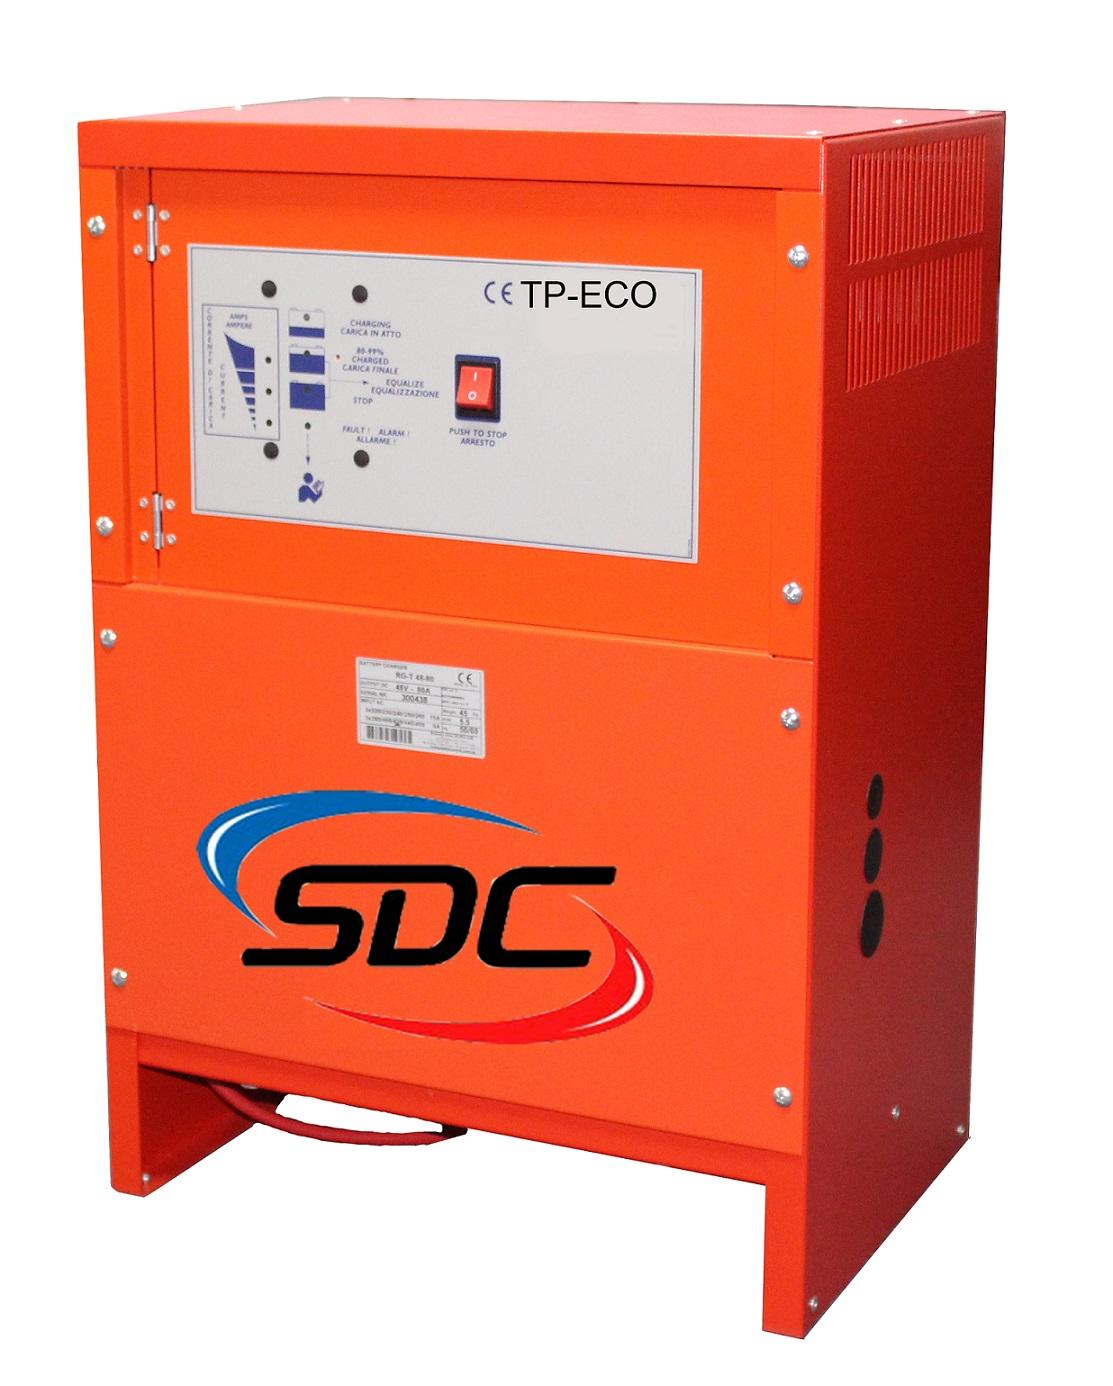 Battery Asia (S) Pte Ltd